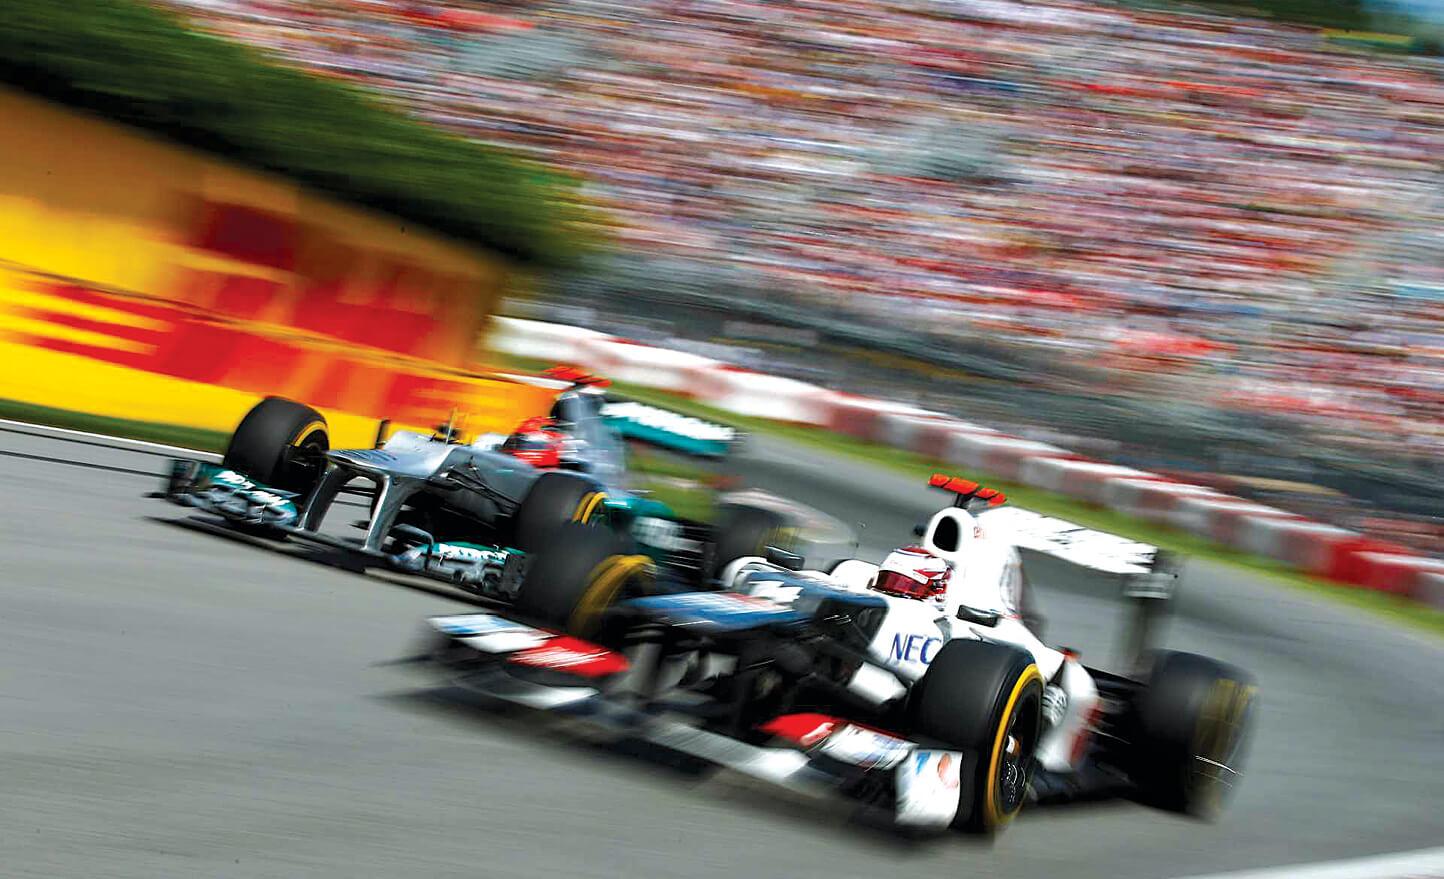 F1 - MILENIO STADIUM - PORTUGAL